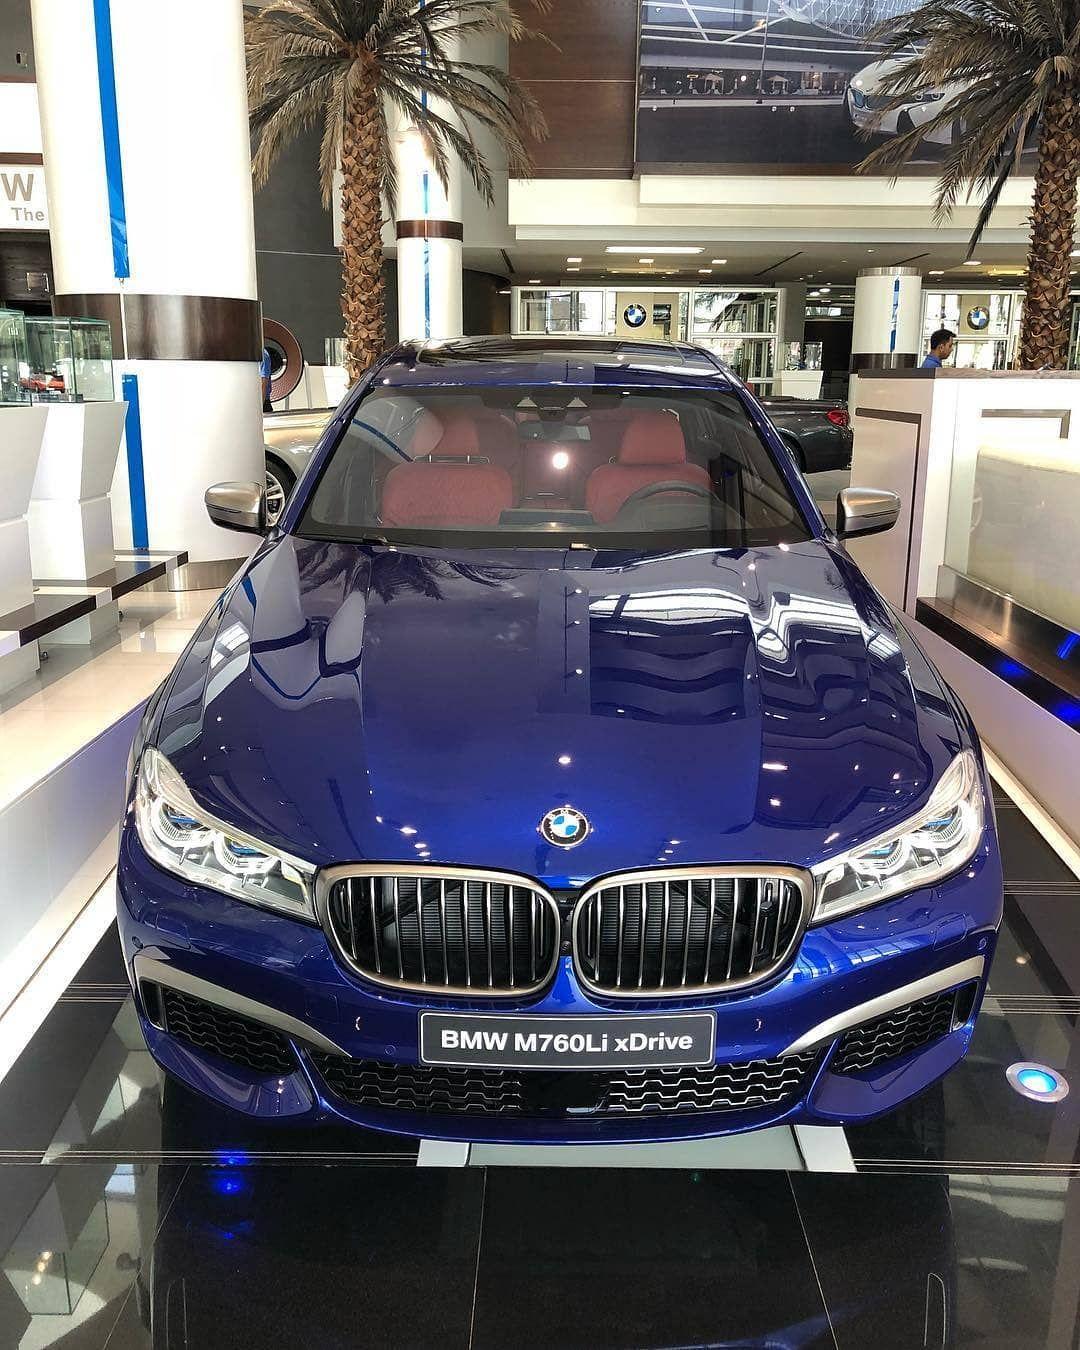 Bmw 330 M Sport: Bmw M760li M Sport San Marino Blue V12 6,6 Li Bi-Turbo 610